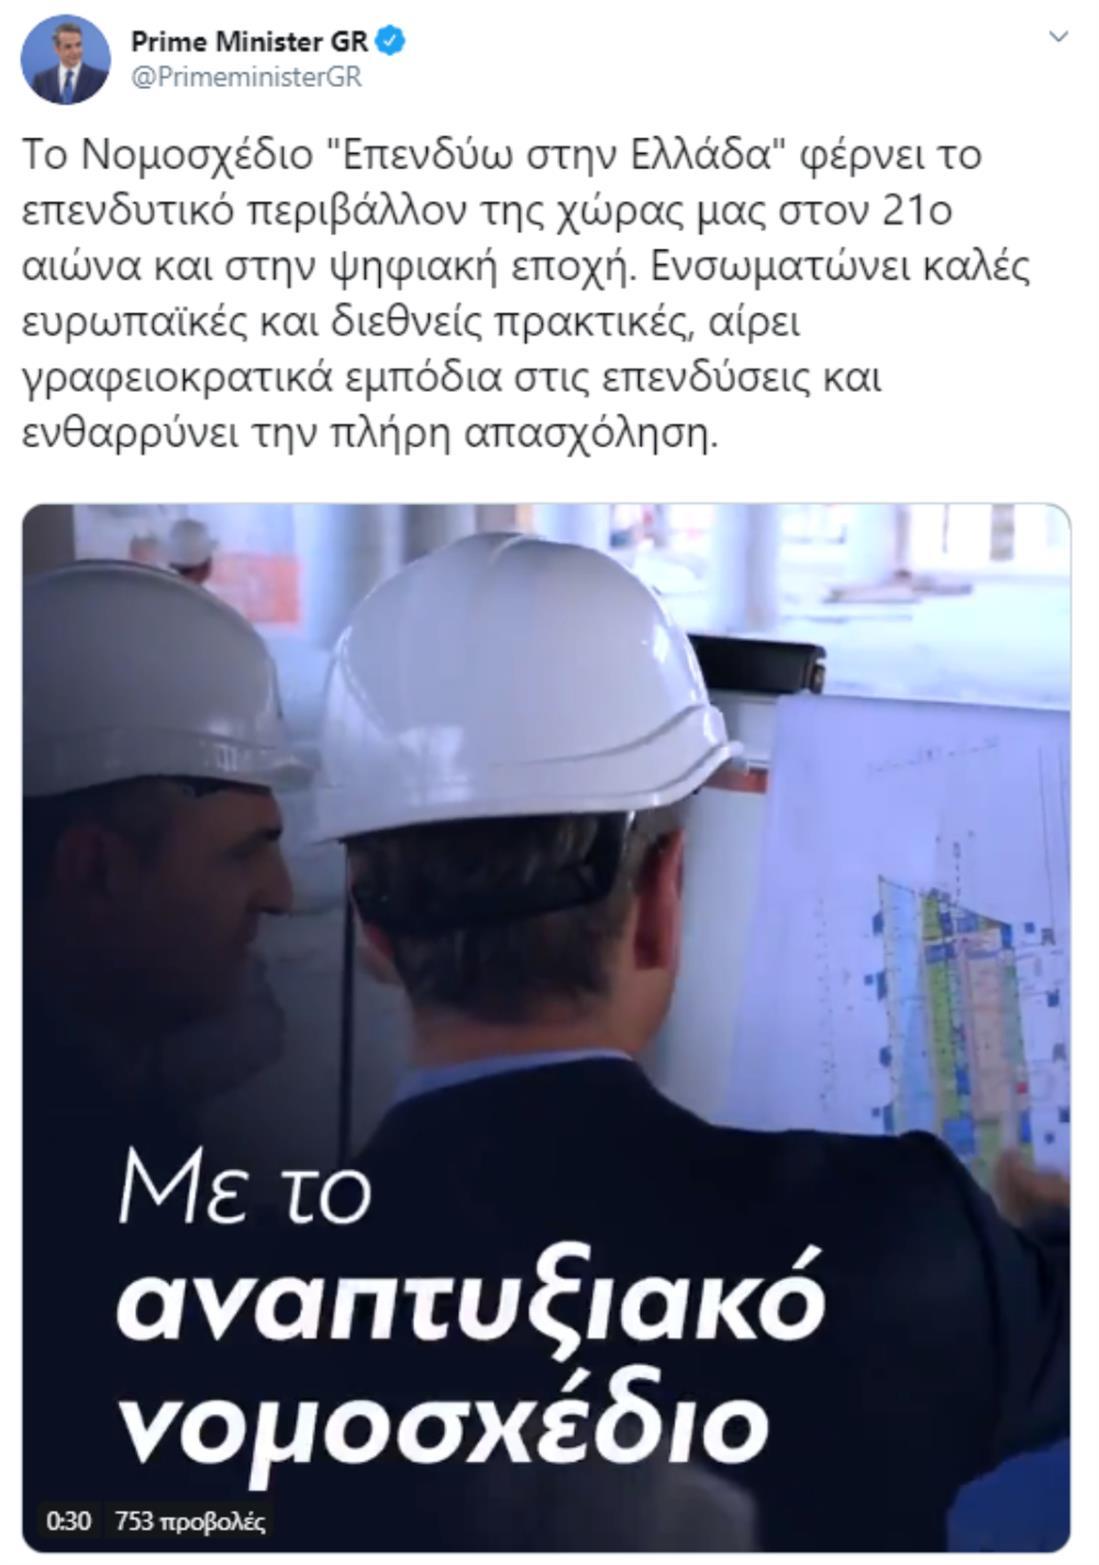 Μητσοτάκης - αναπτυξιακό νομοσχέδιο - Twitter